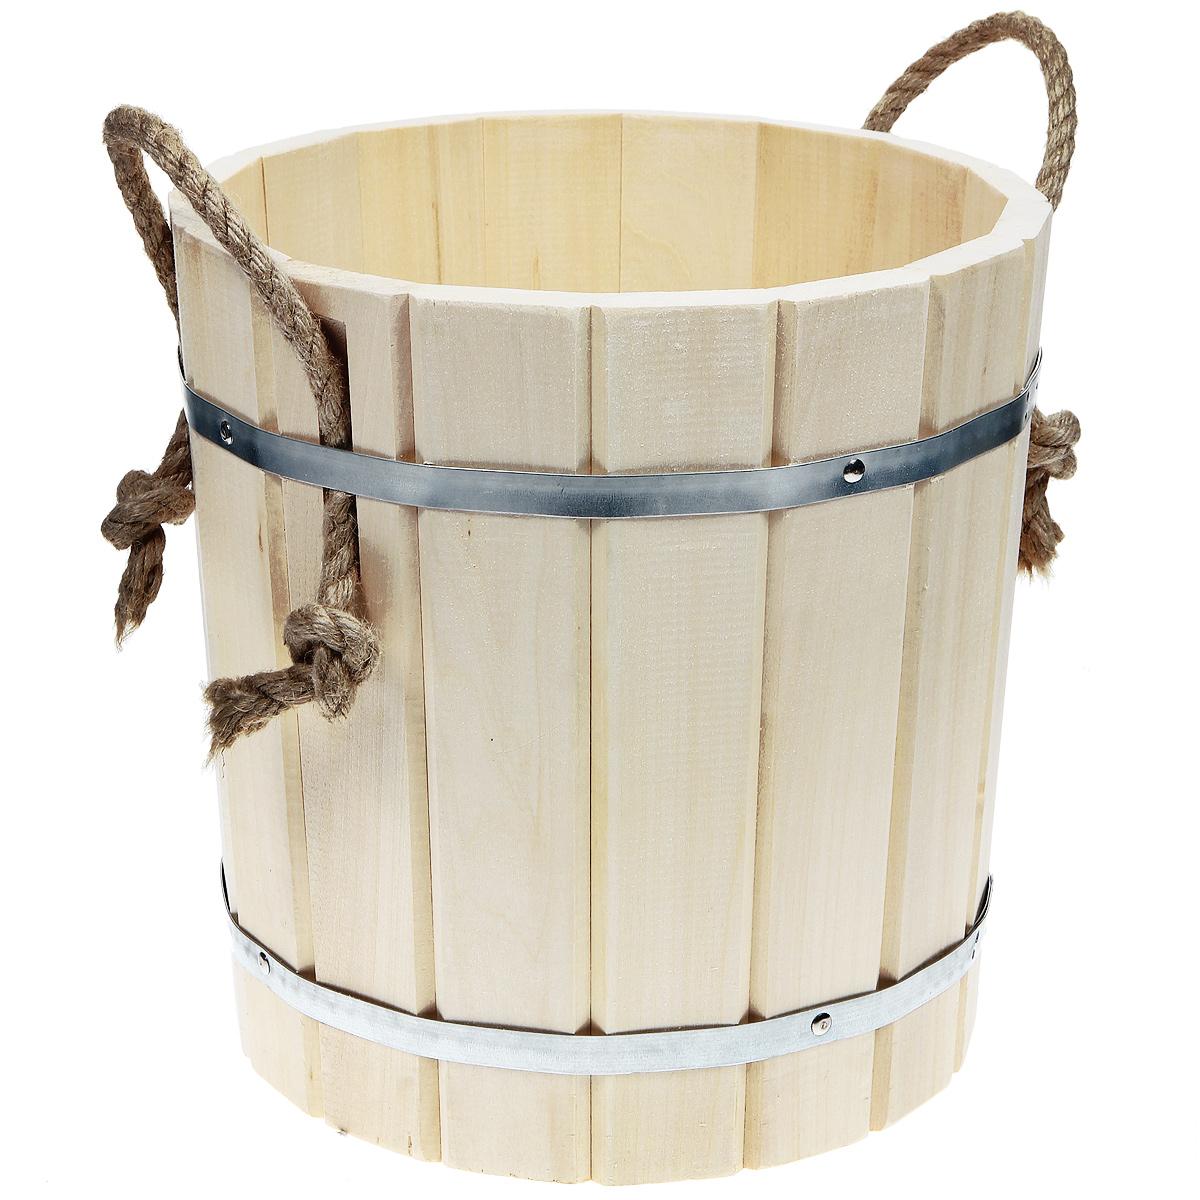 Запарник Банные штучки, с веревочными ручками, 15 л33400Запарник Банные штучки, изготовленный из дерева (липы), доставит вам настоящее удовольствие от банной процедуры. При запаривании веник обретает свою природную силу и сохраняет полезные свойства. Корпус запарника состоит из металлических обручей, стянутых клепками. Для более удобного использования запарник имеет веревочные ручки. Интересная штука - баня. Место, где одинаково хорошо и в компании, и в одиночестве. Перекресток, казалось бы, разных направлений - общение и здоровье. Приятное и полезное. И всегда в позитиве. Характеристики:Материал: дерево (липа), металл. Высота запарника: 32 см. Диаметр запарника по верхнему краю: 31 см. Объем: 15 л. Артикул: 32017.